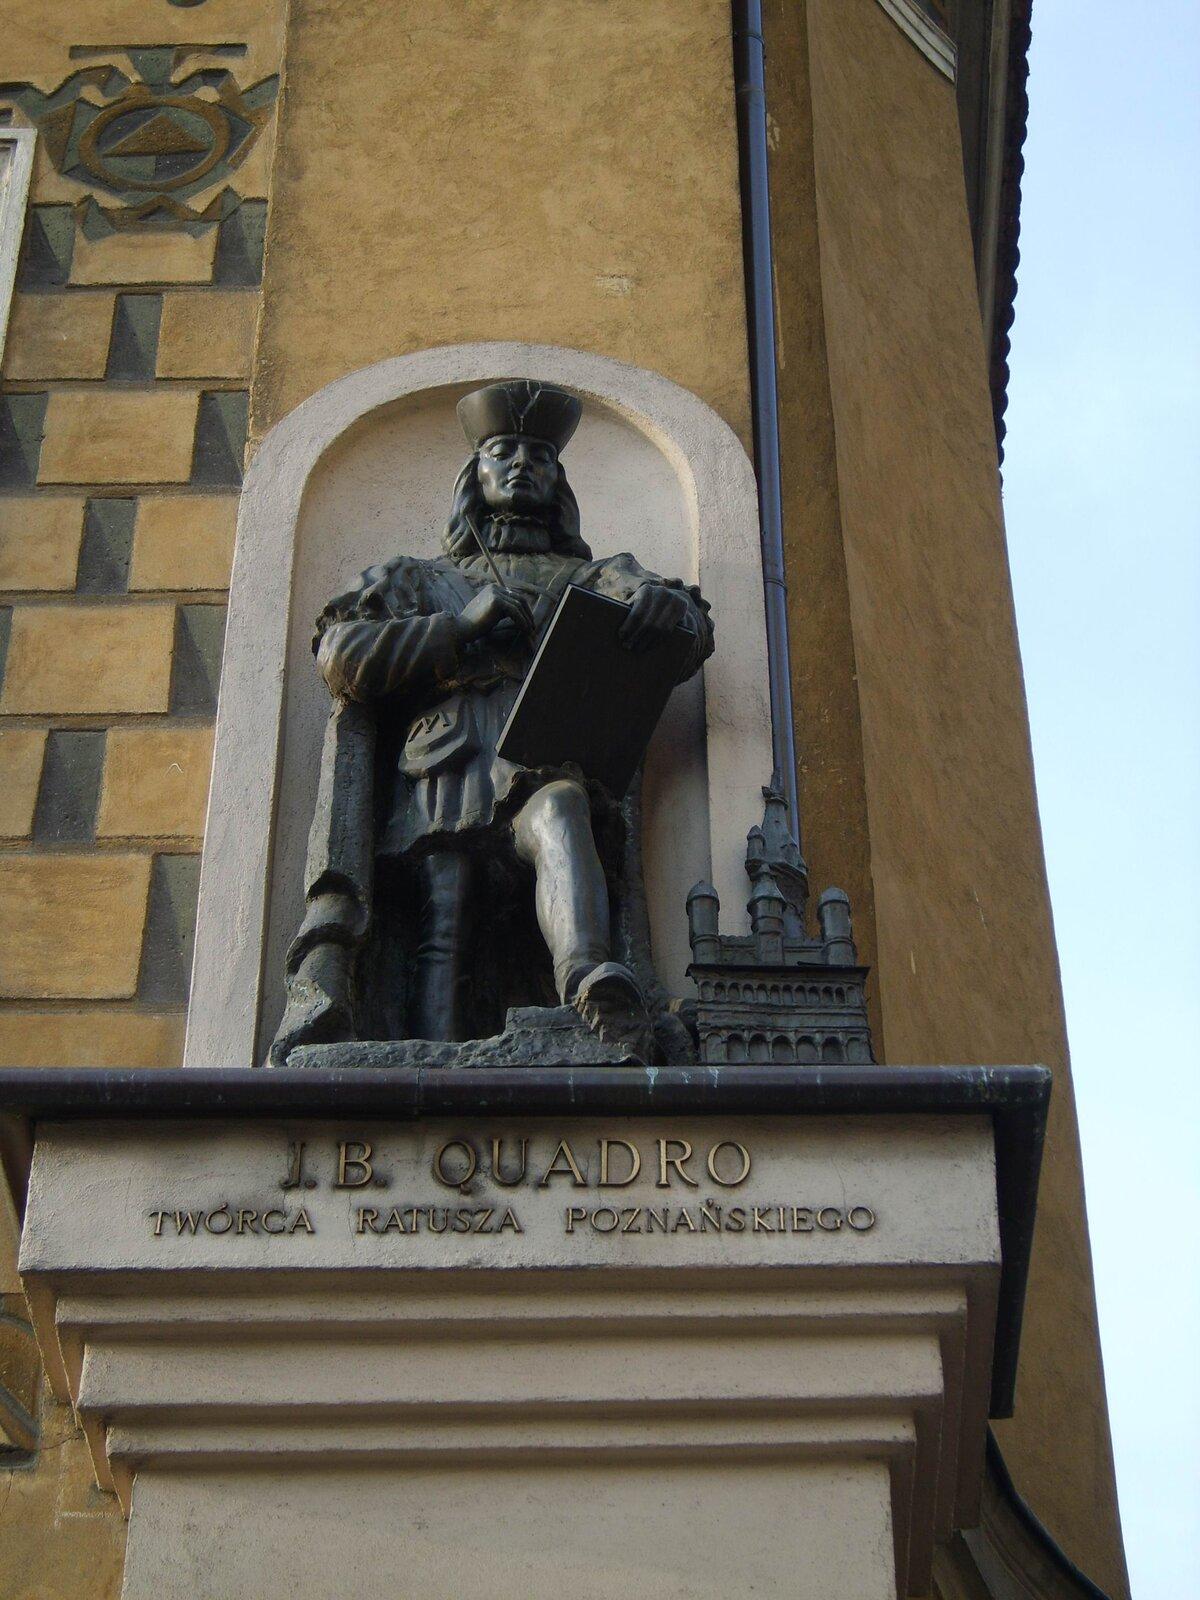 """Rzeźba Jana Baptysty Quadro (Giovanni Battista di Quadro).Rzeźbapowstała wXX w. na kamienicy wPoznaniu, wktórej mieszkał budowniczy. Quadro pochodził zokolic jeziora Como, na pograniczu włosko-szwajcarskim. Ztych okolic pochodziło wielu budowniczych pracujących wEuropie Środkowej – wNiemczech, Czechach, na Śląsku wPolsce. Zwano tych architektów """"komaskami"""" (od nazwy jeziora Como). Rzeźba Jana Baptysty Quadro (Giovanni Battista di Quadro).Rzeźbapowstała wXX w. na kamienicy wPoznaniu, wktórej mieszkał budowniczy. Quadro pochodził zokolic jeziora Como, na pograniczu włosko-szwajcarskim. Ztych okolic pochodziło wielu budowniczych pracujących wEuropie Środkowej – wNiemczech, Czechach, na Śląsku wPolsce. Zwano tych architektów """"komaskami"""" (od nazwy jeziora Como). Źródło: domena publiczna."""